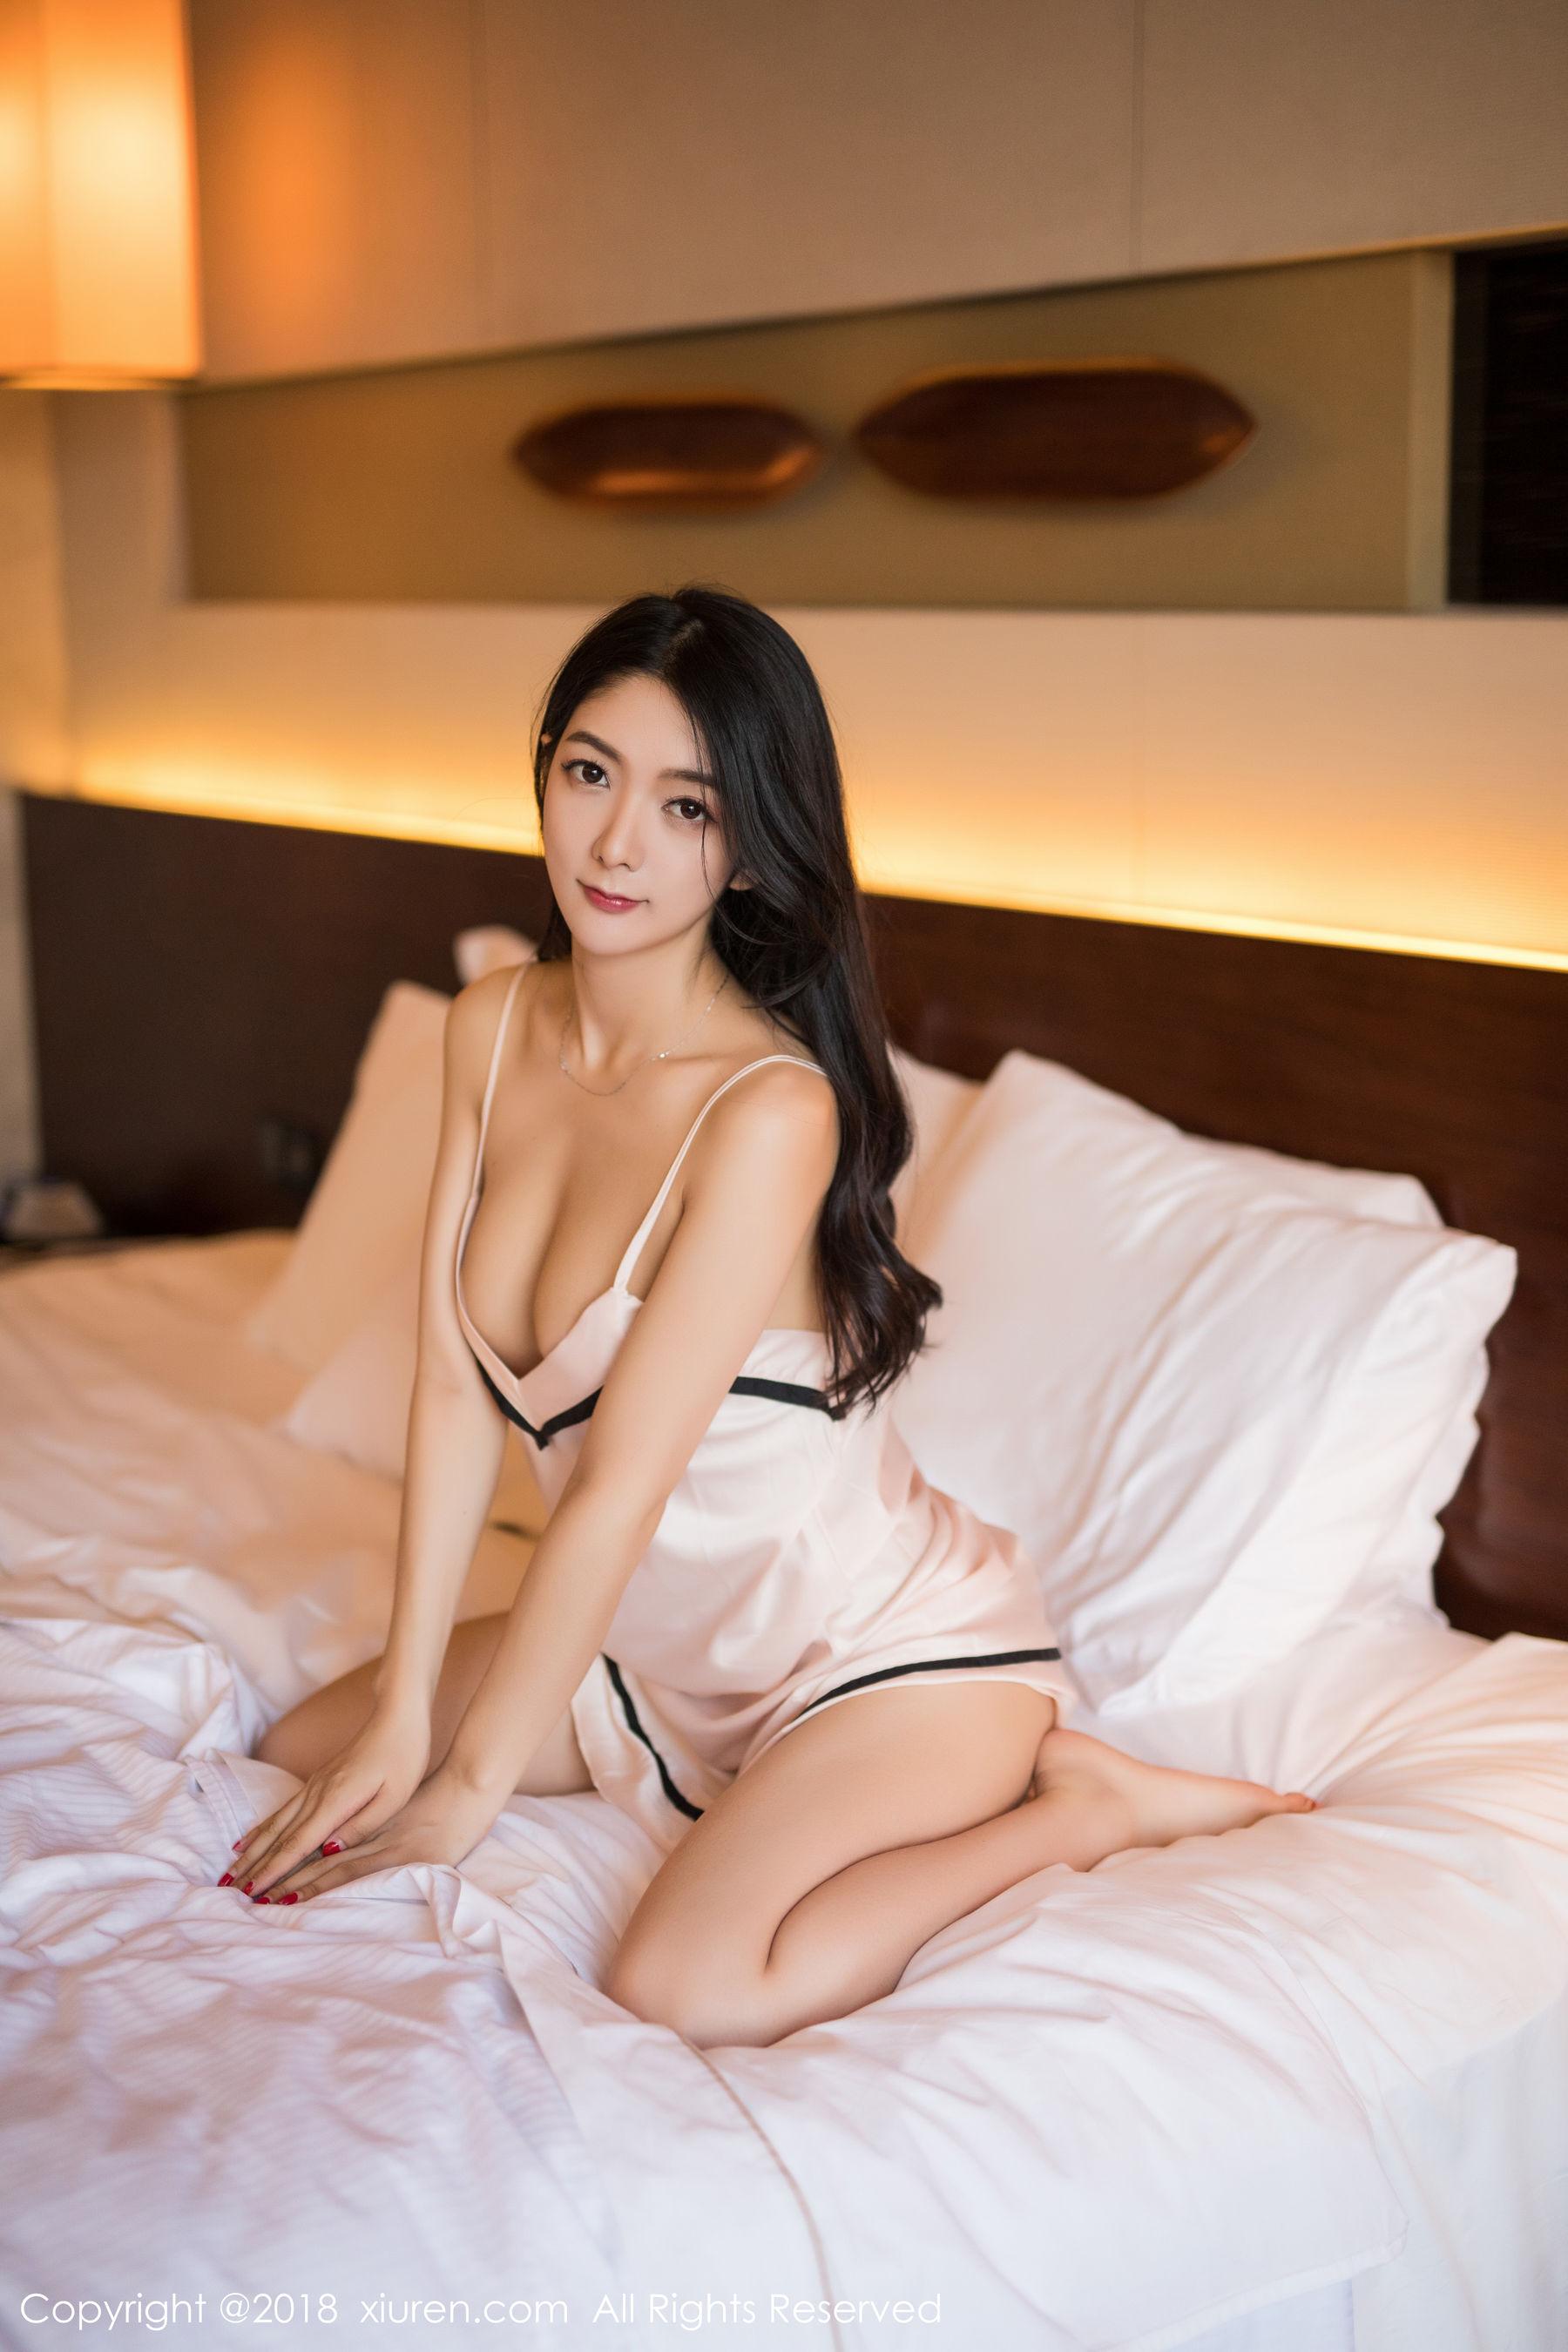 [秀人网]小热巴No.1292超高清写真大图片(55P) 334热度